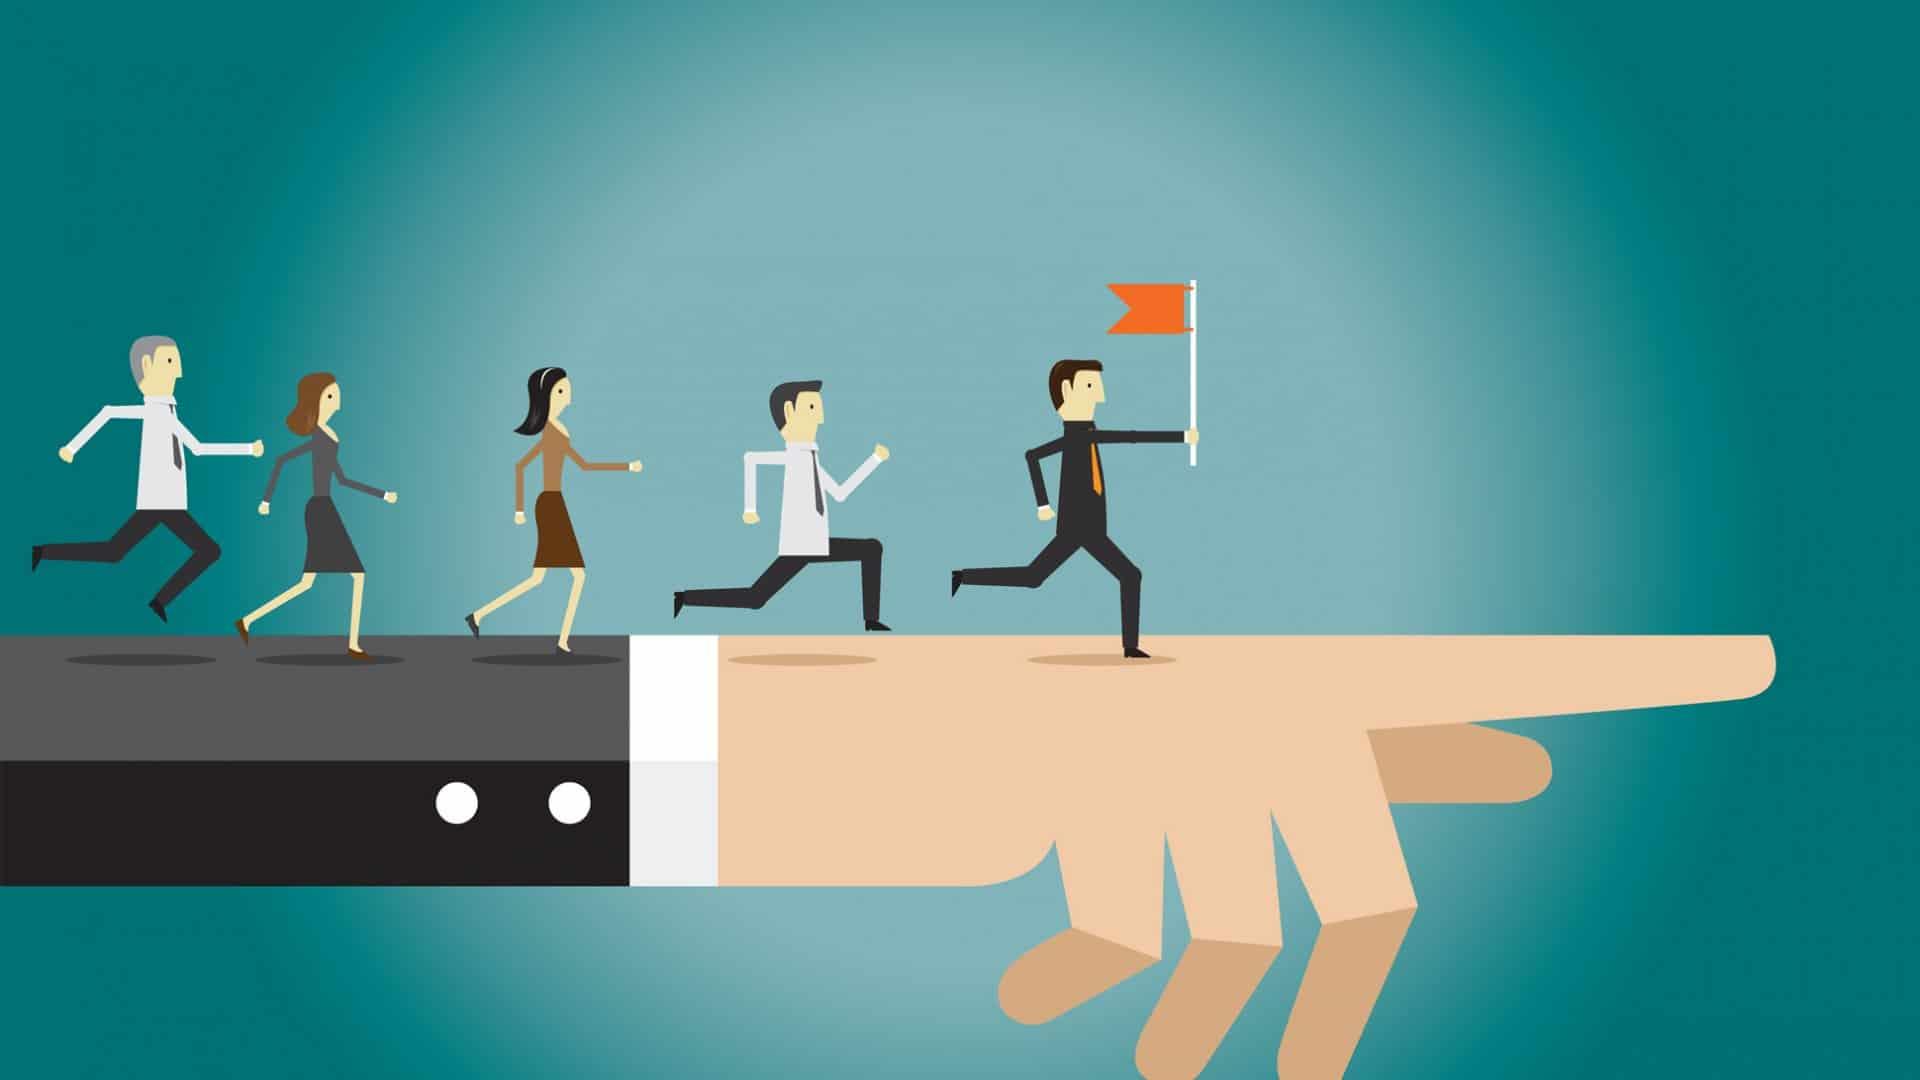 cómo emprender una startup exitosa Leasein